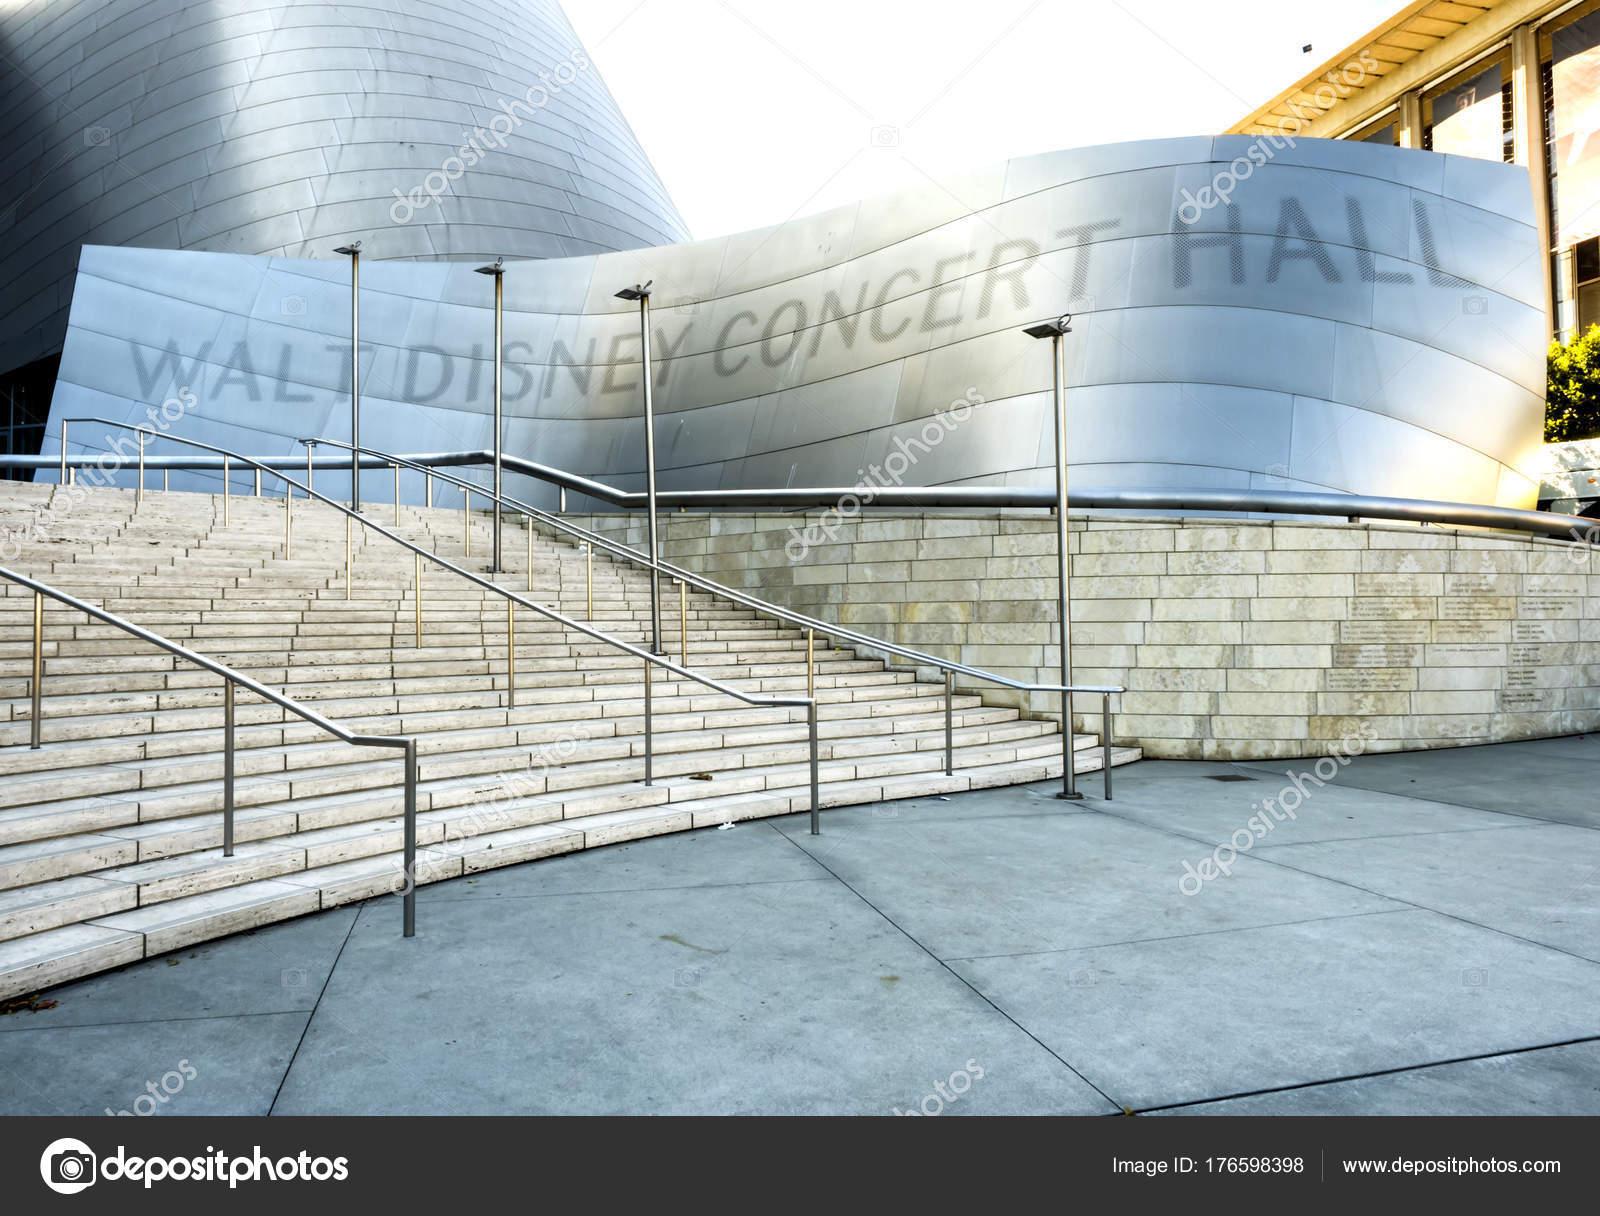 Walt Disney Concert Hall Eingang Moderne Architektur Design Gebäude ...